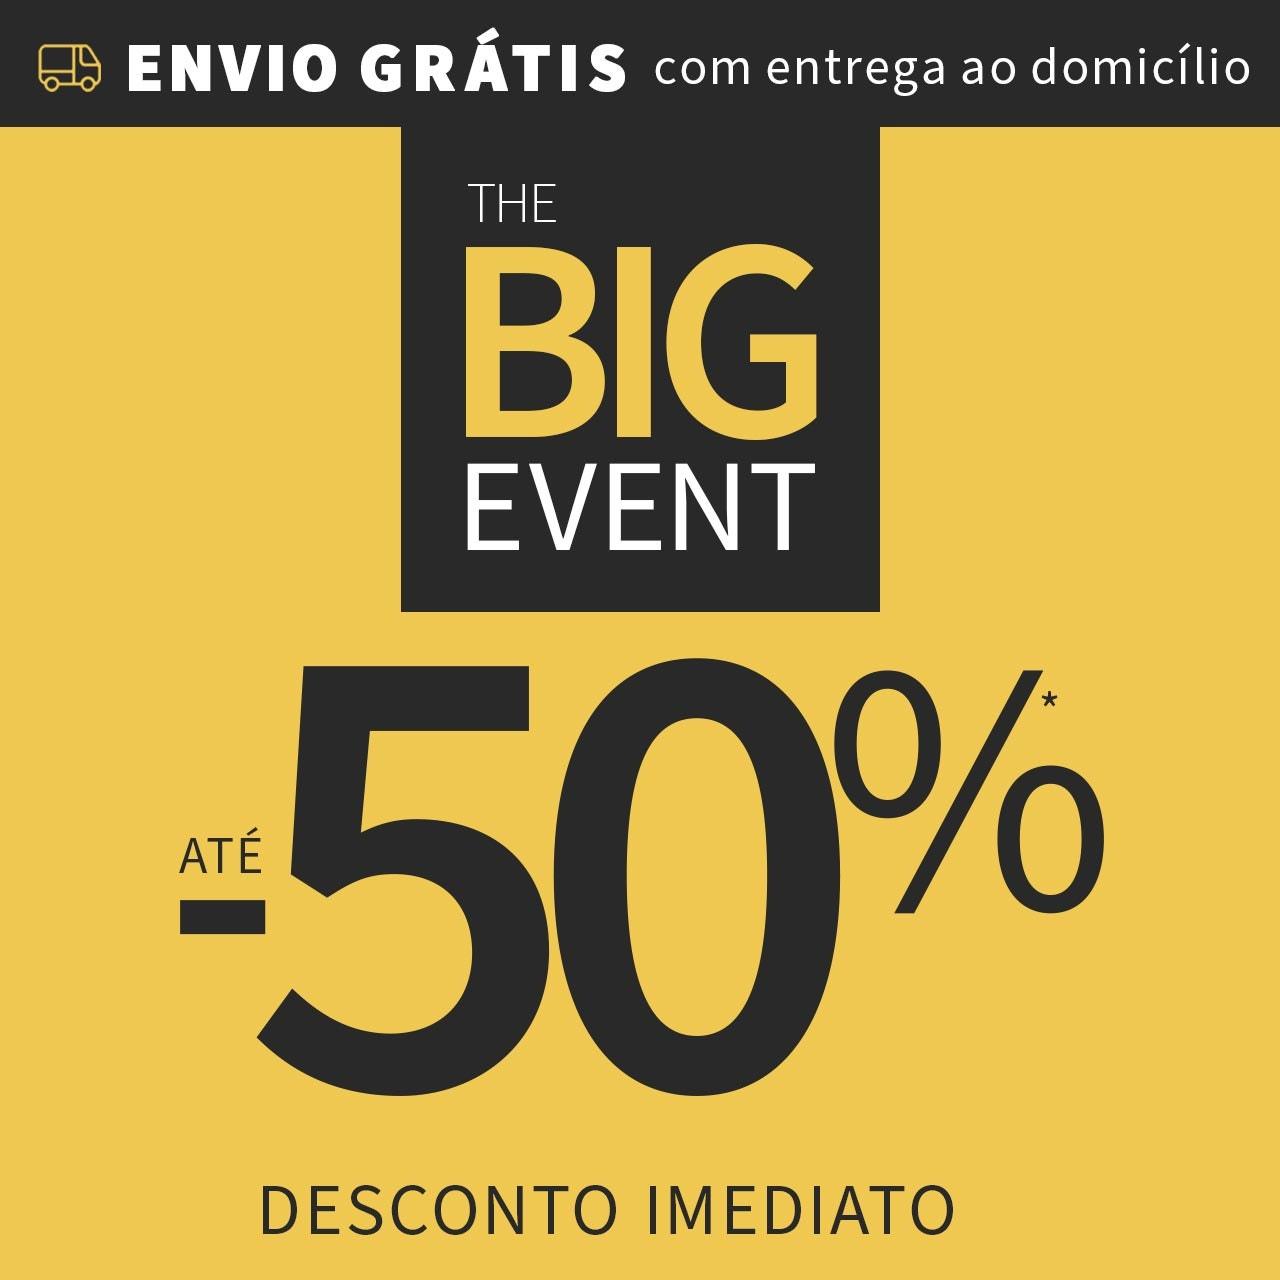 BIG EVENT até 50%